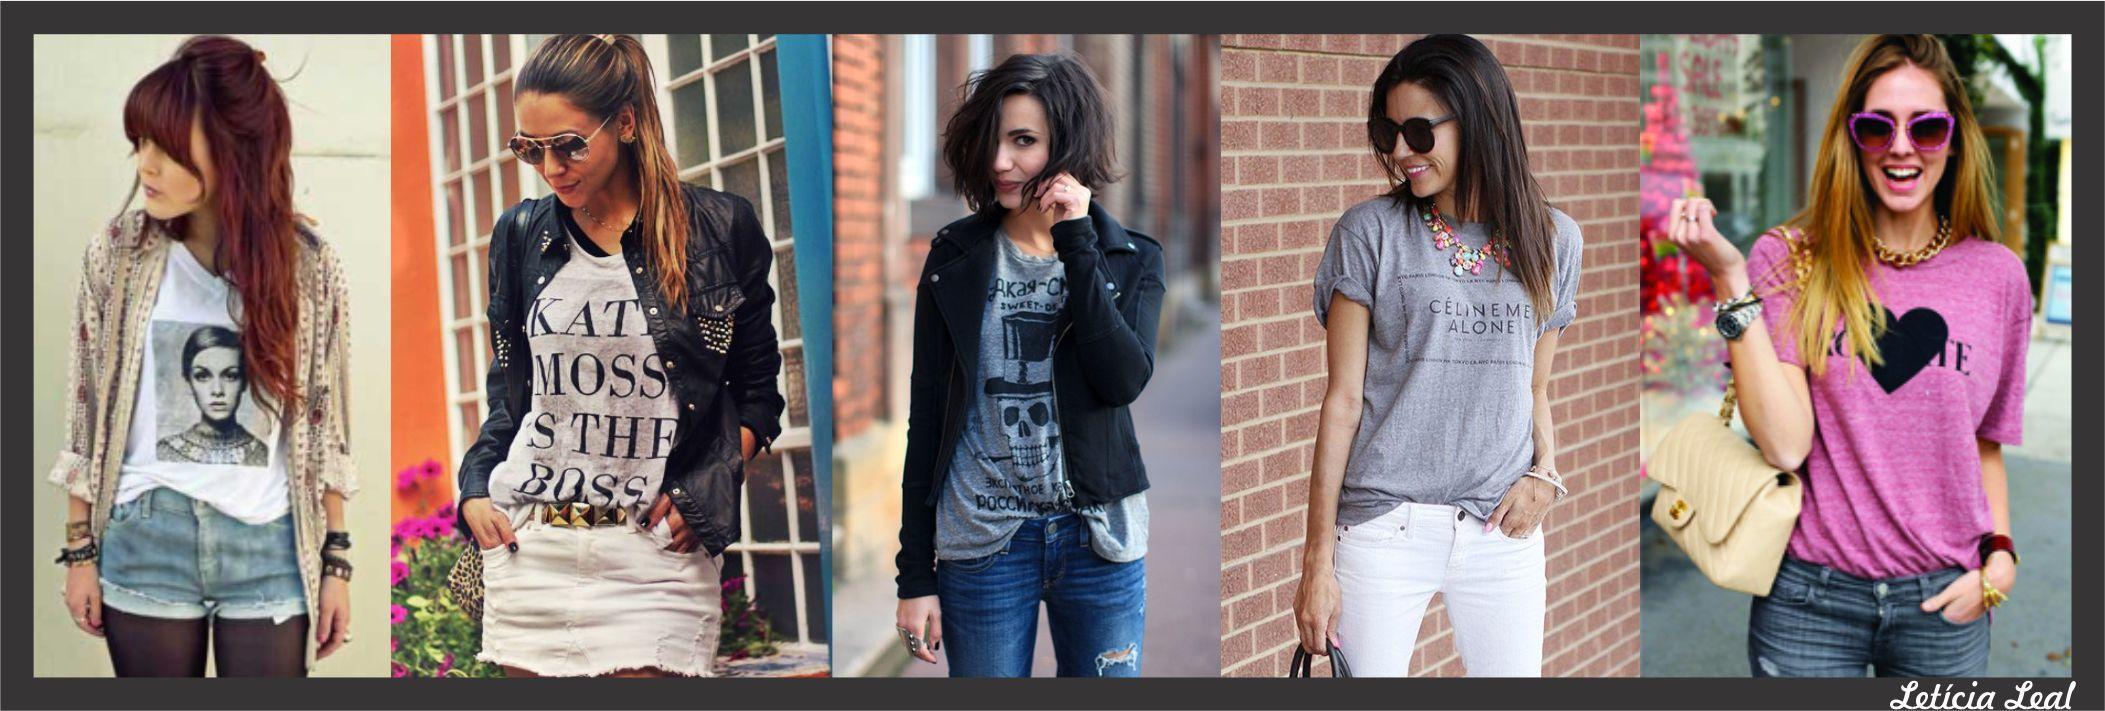 tshirt_com_jeans_sos_solteiros